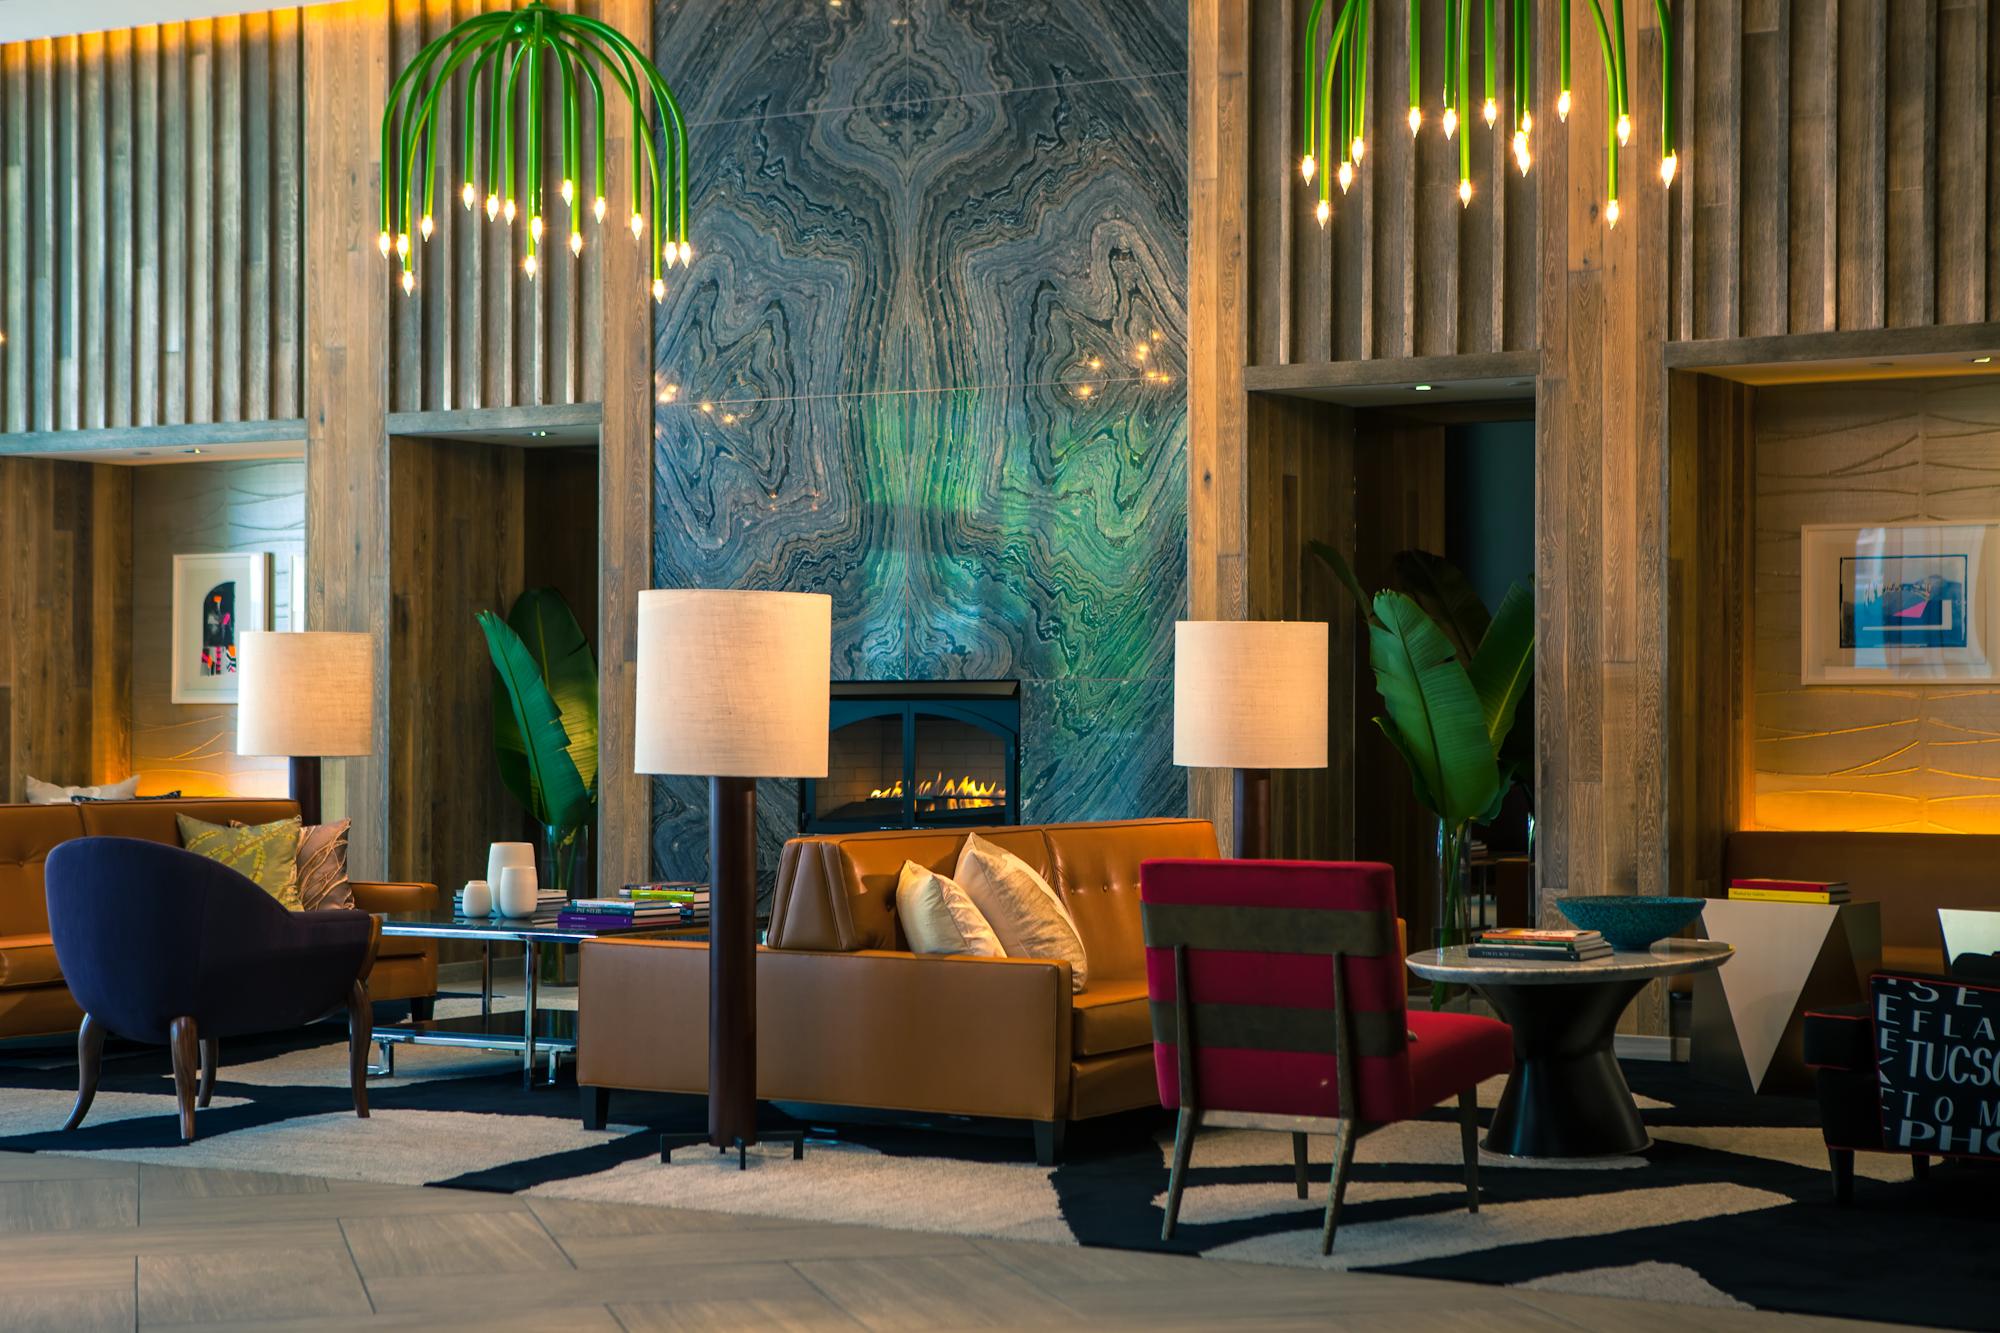 ホテル パロマー フェニックス - ア キンプトン ホテル